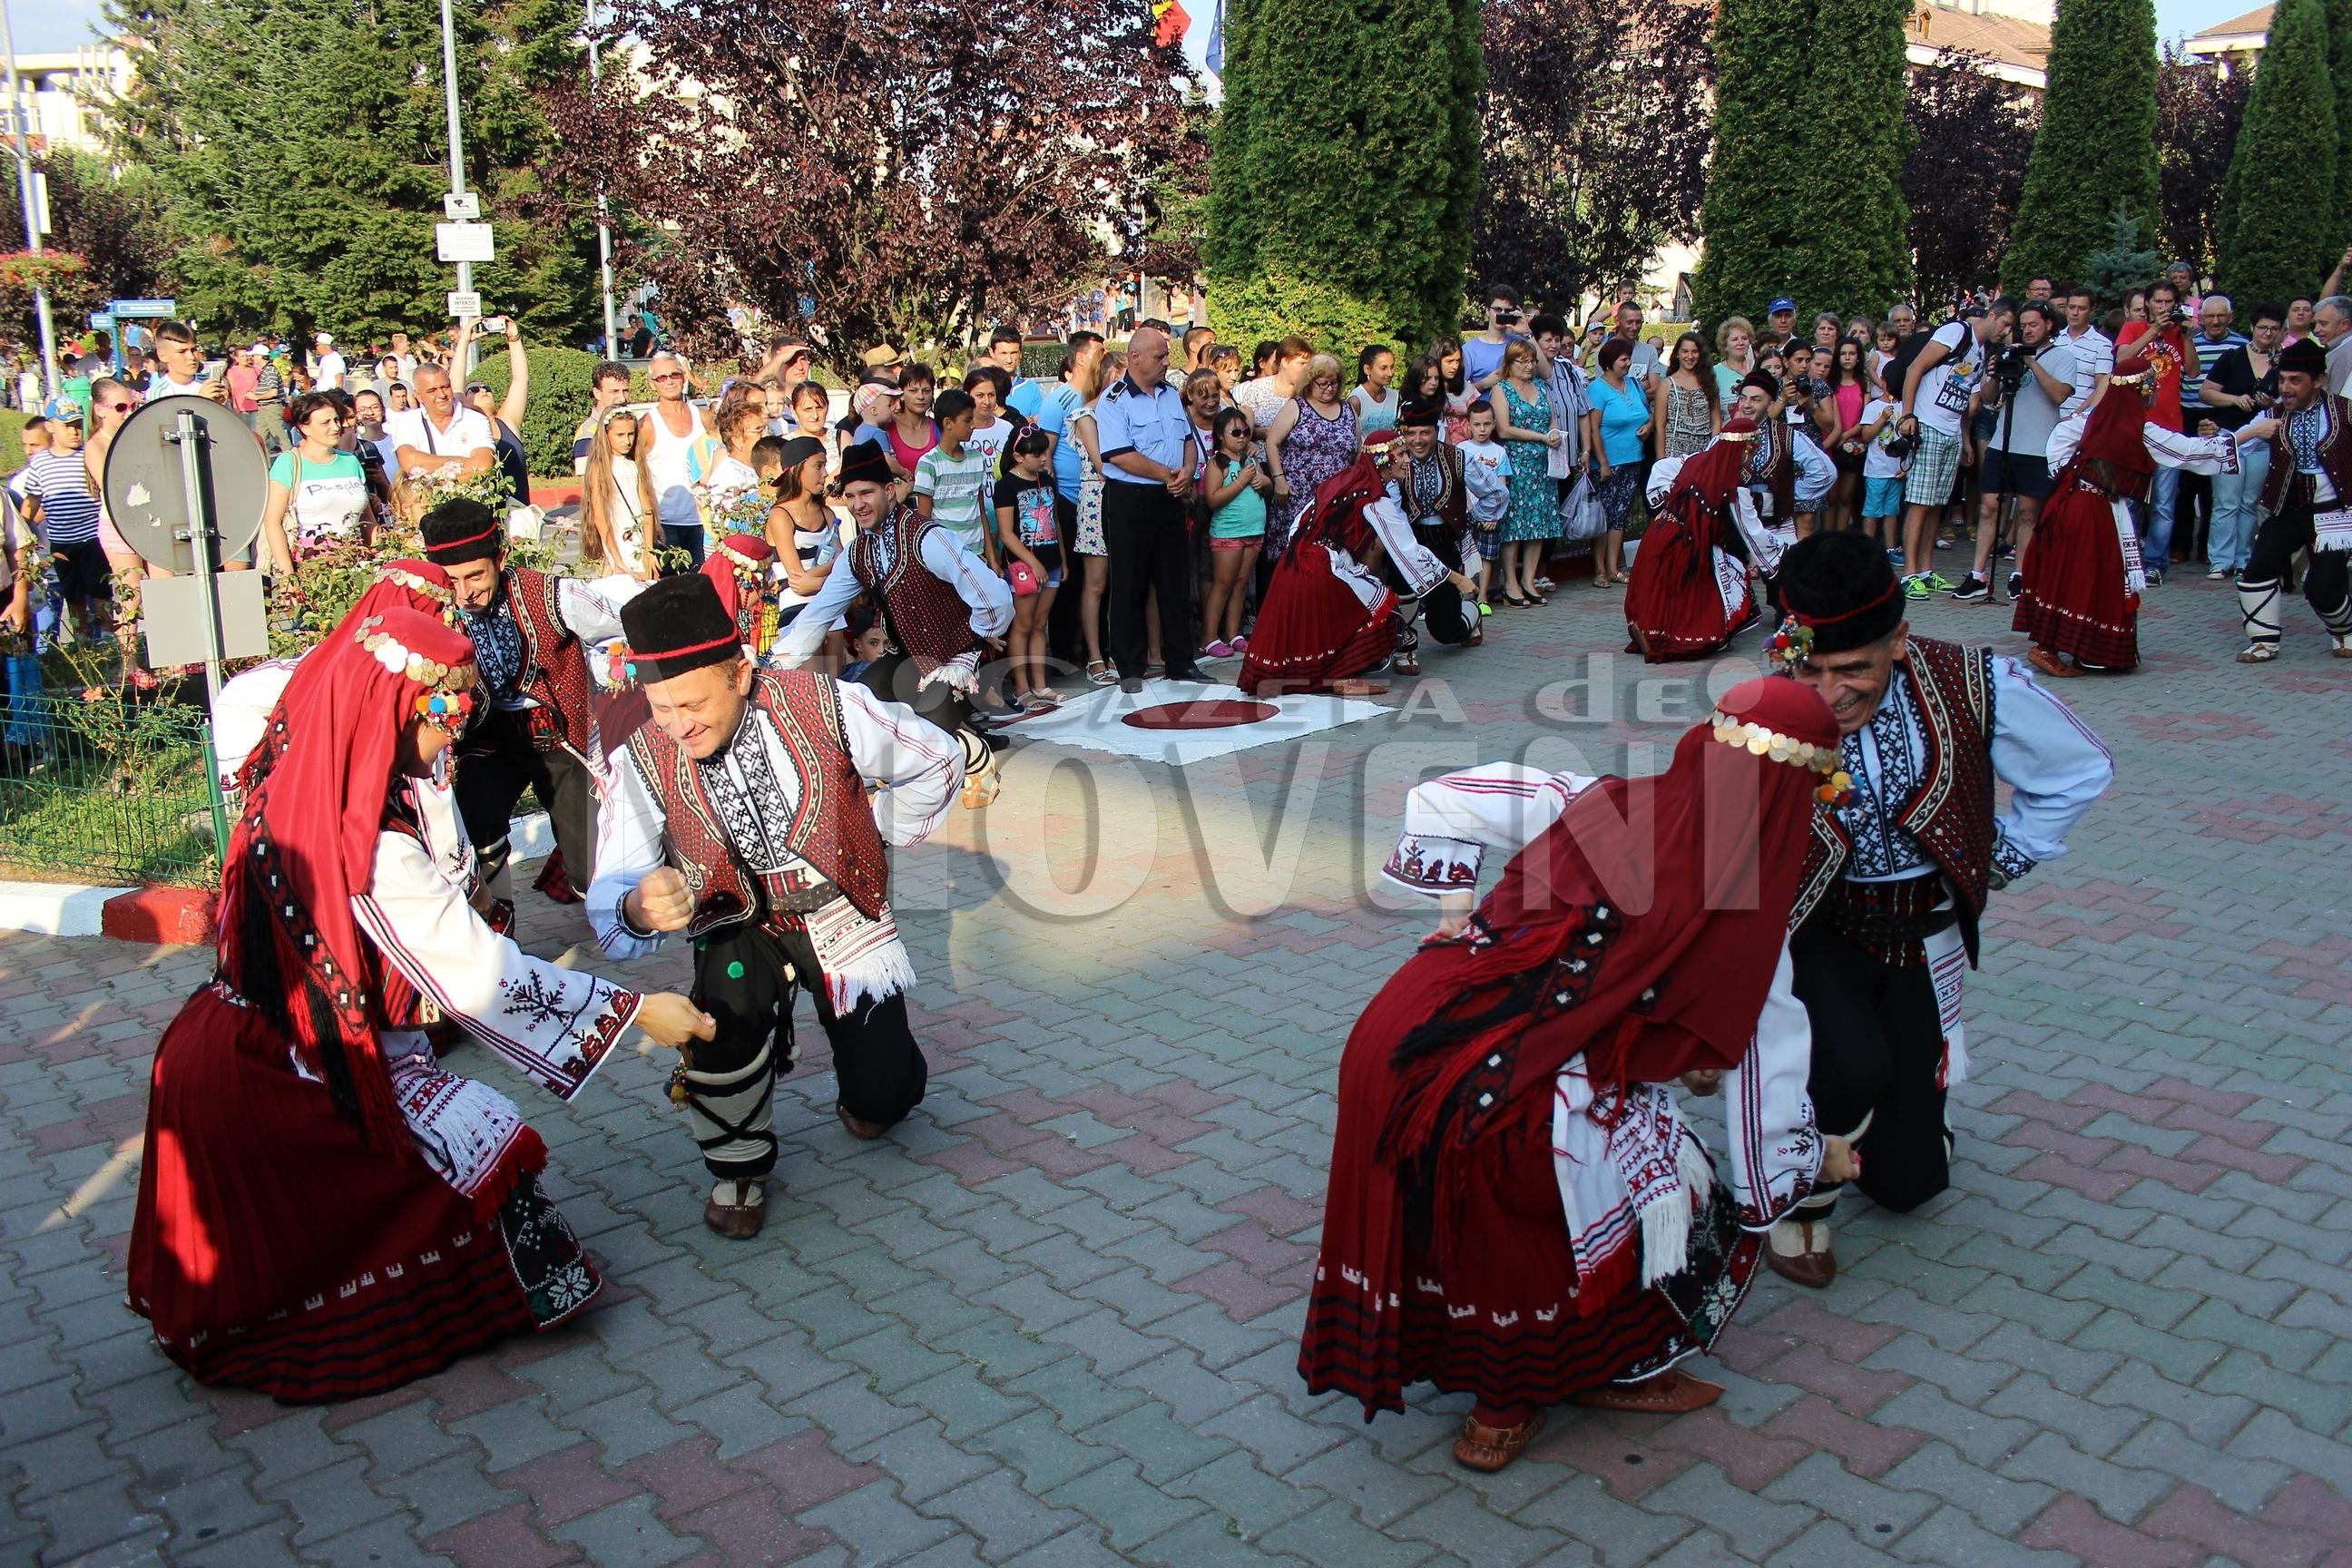 festivalul-international-de-folclor-carpati-mioveni-11-august-2016 (19)